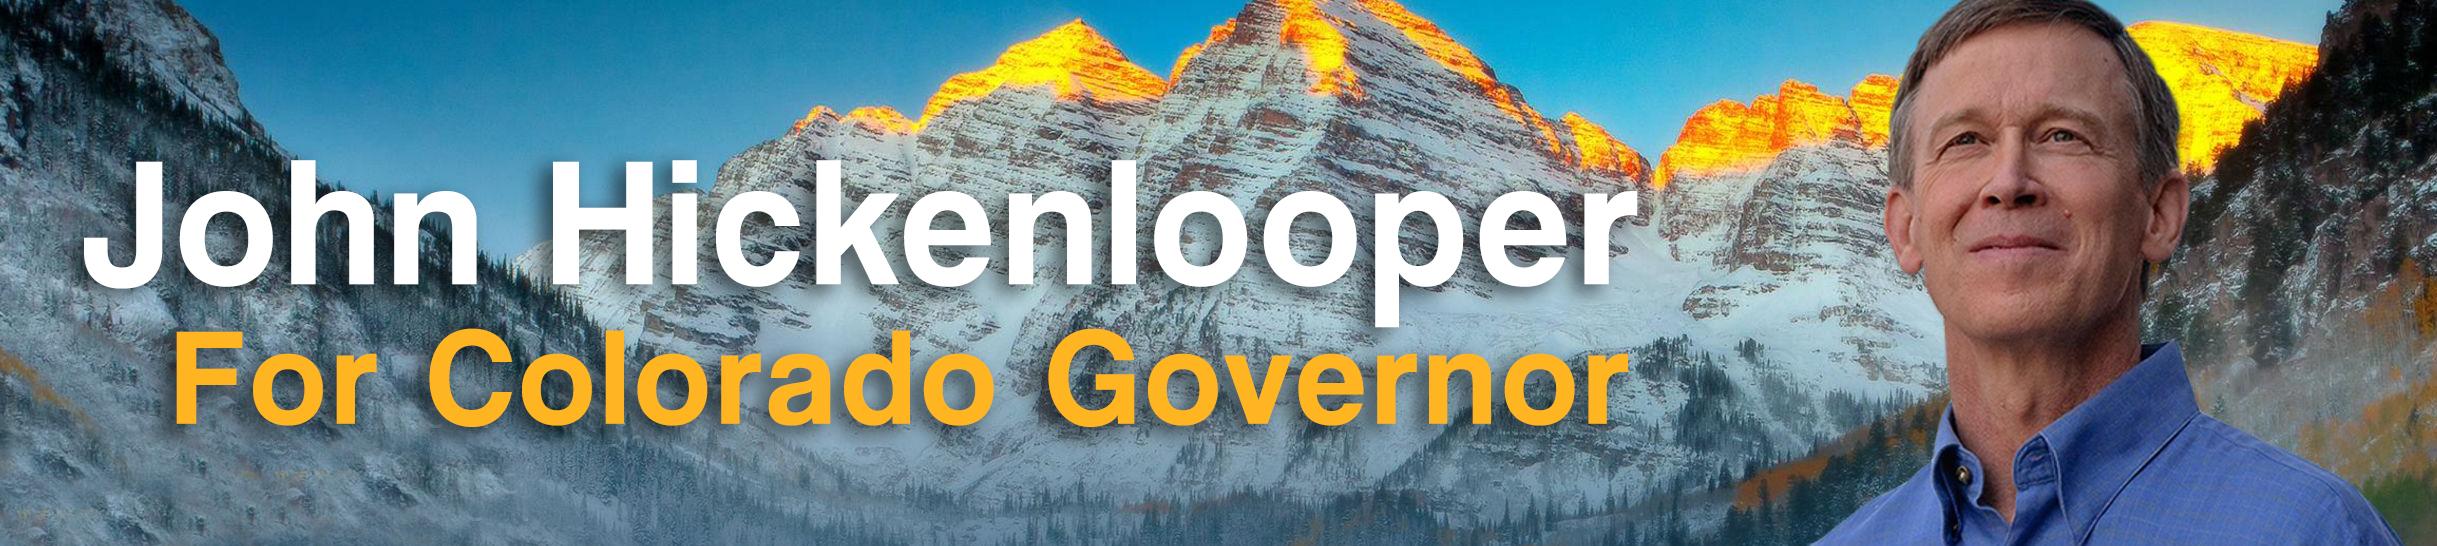 co-governor-john-hickenlooper-header.jpg